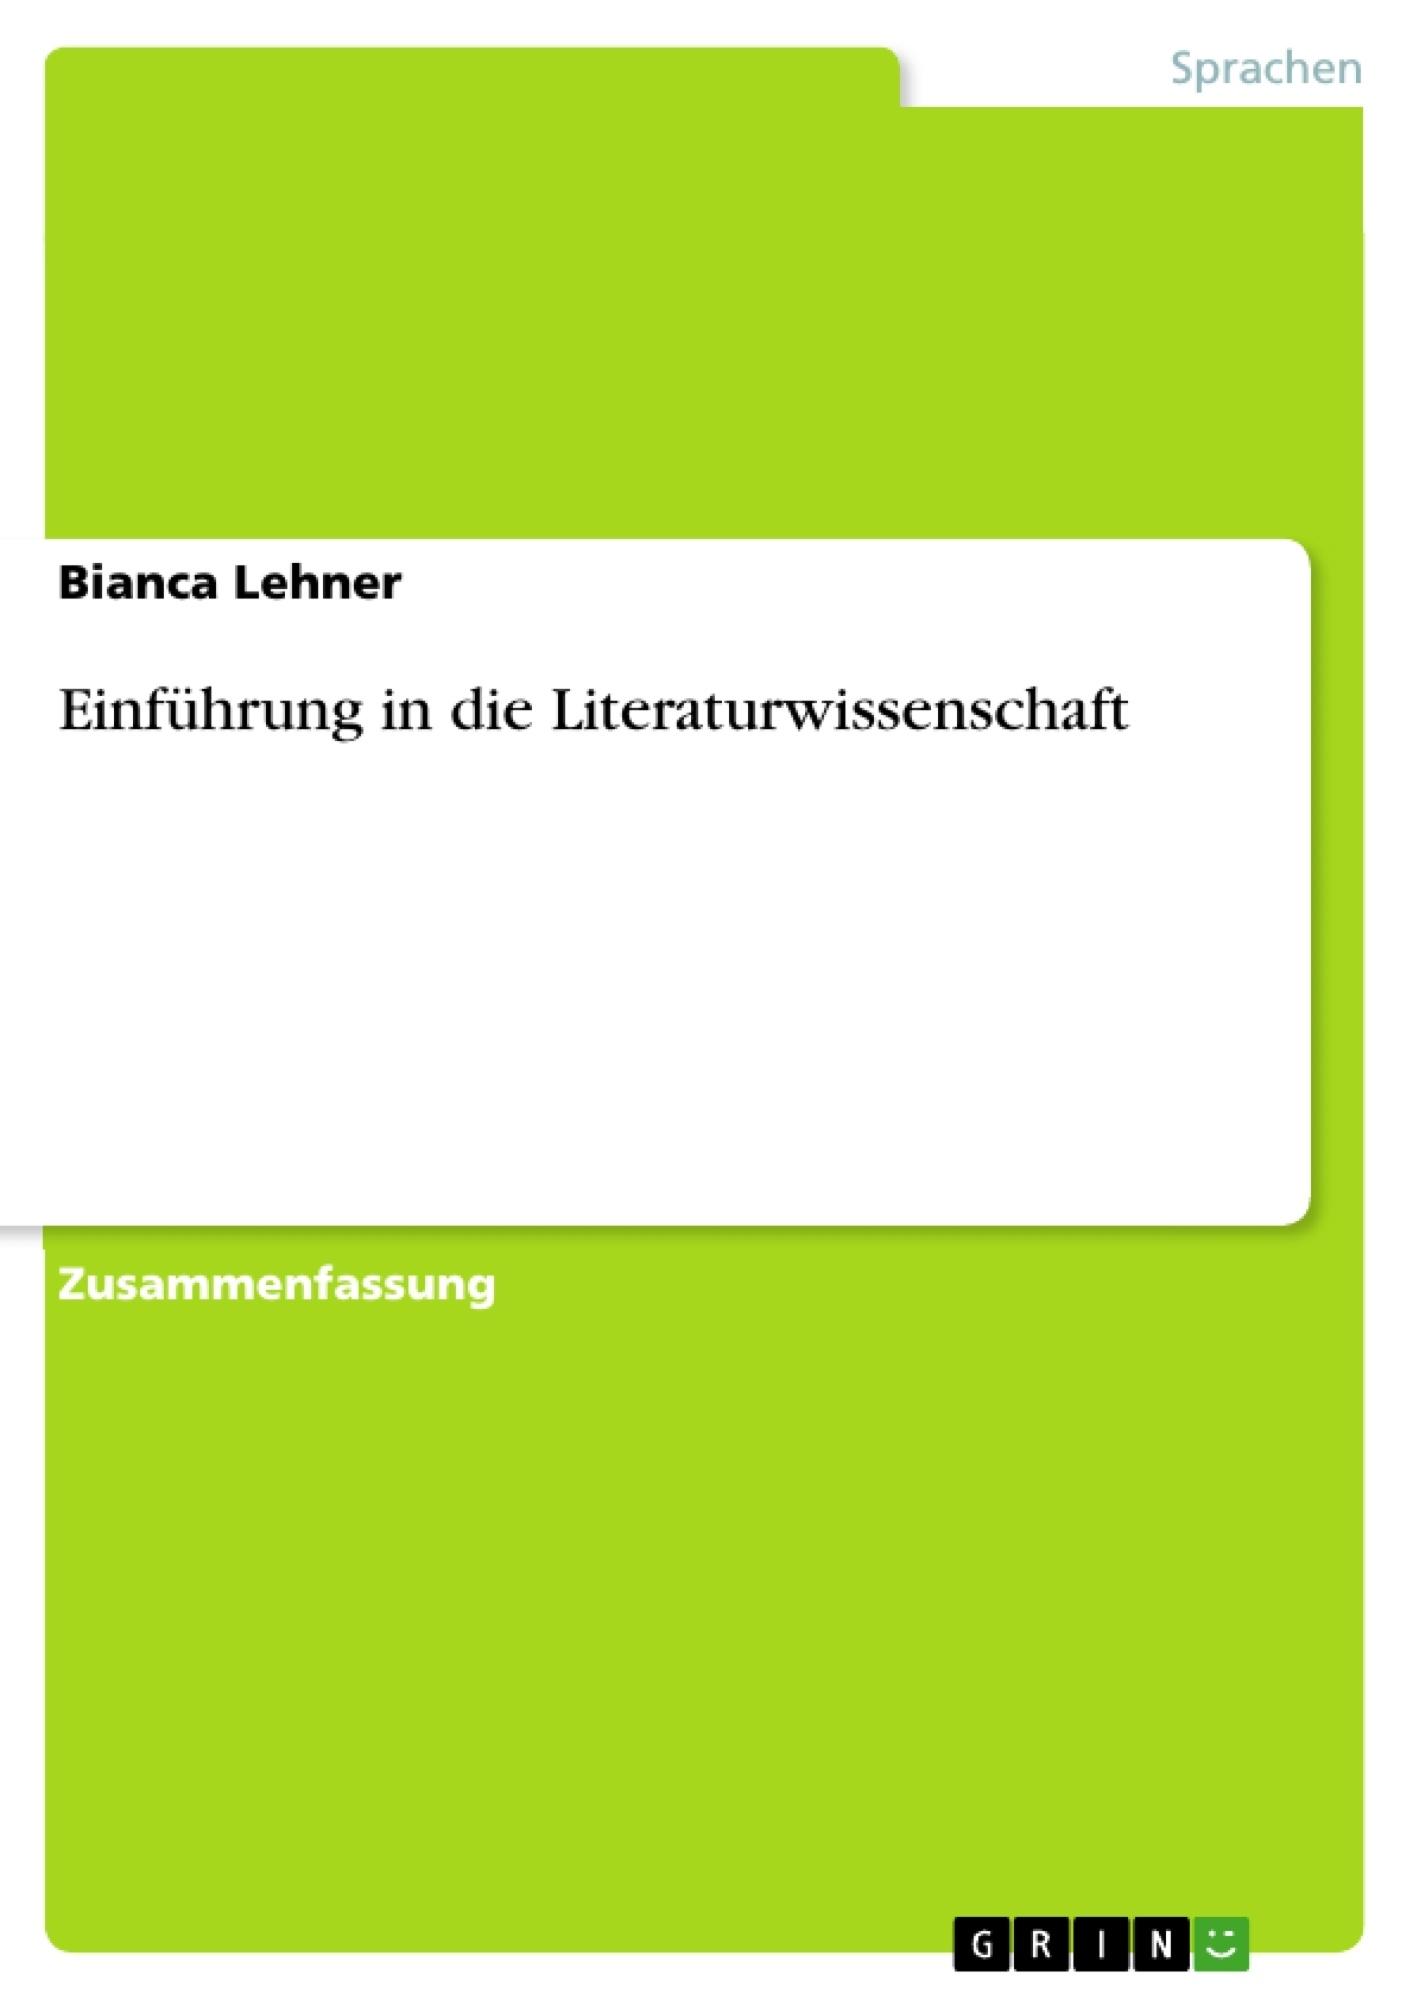 Titel: Einführung in die Literaturwissenschaft